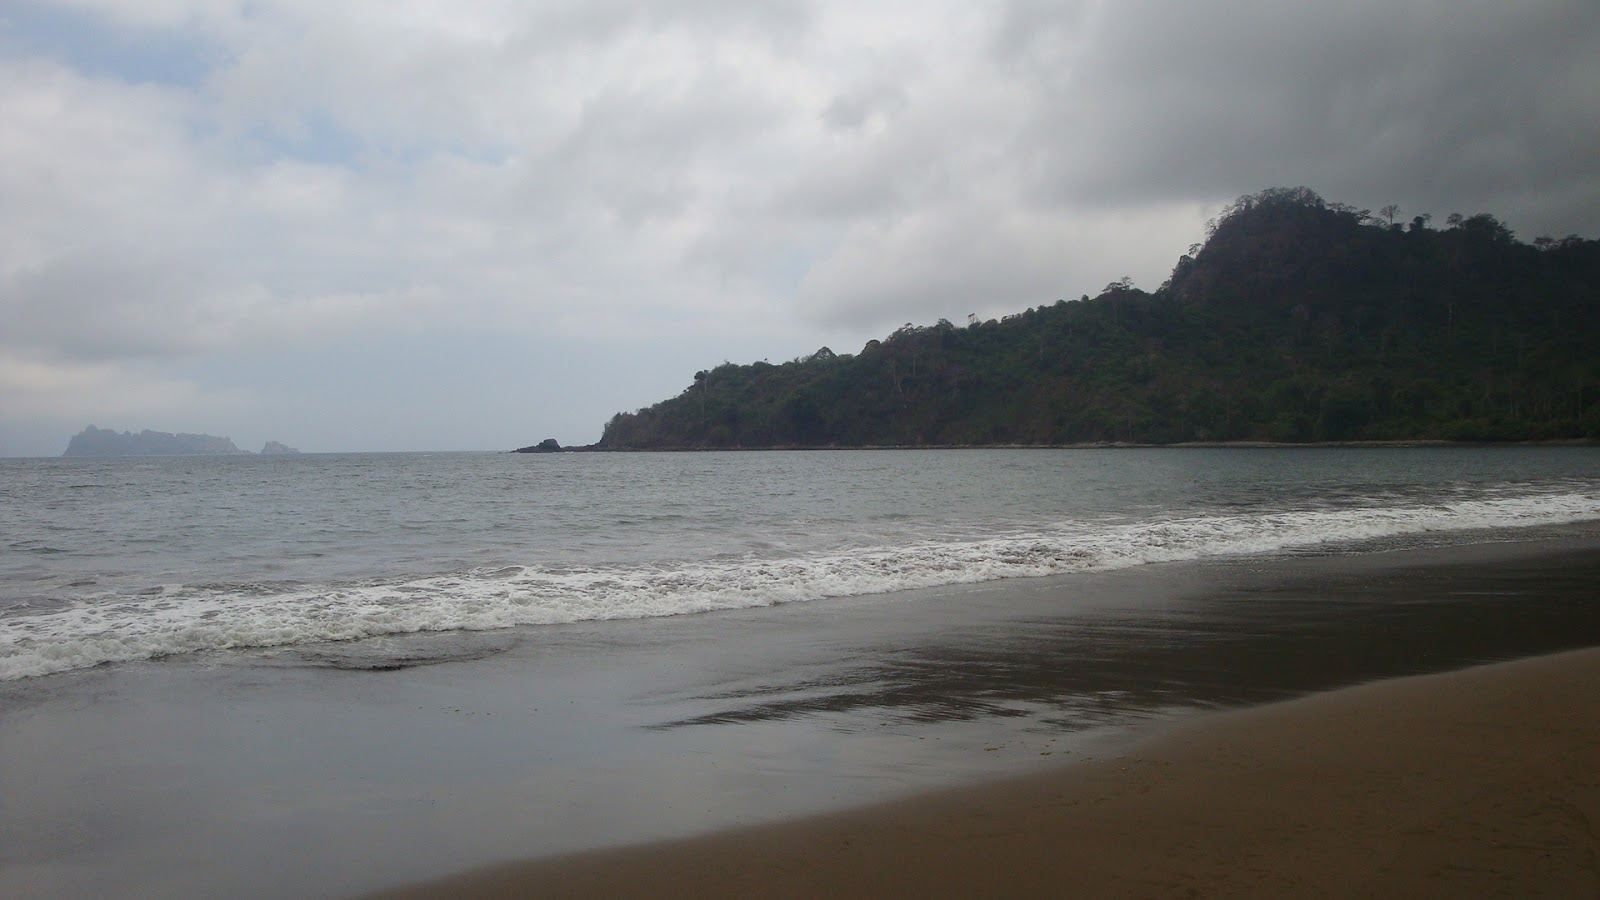 Jalan Pantai Bandealit Taman Nasional Meru Betiri Kab Jember